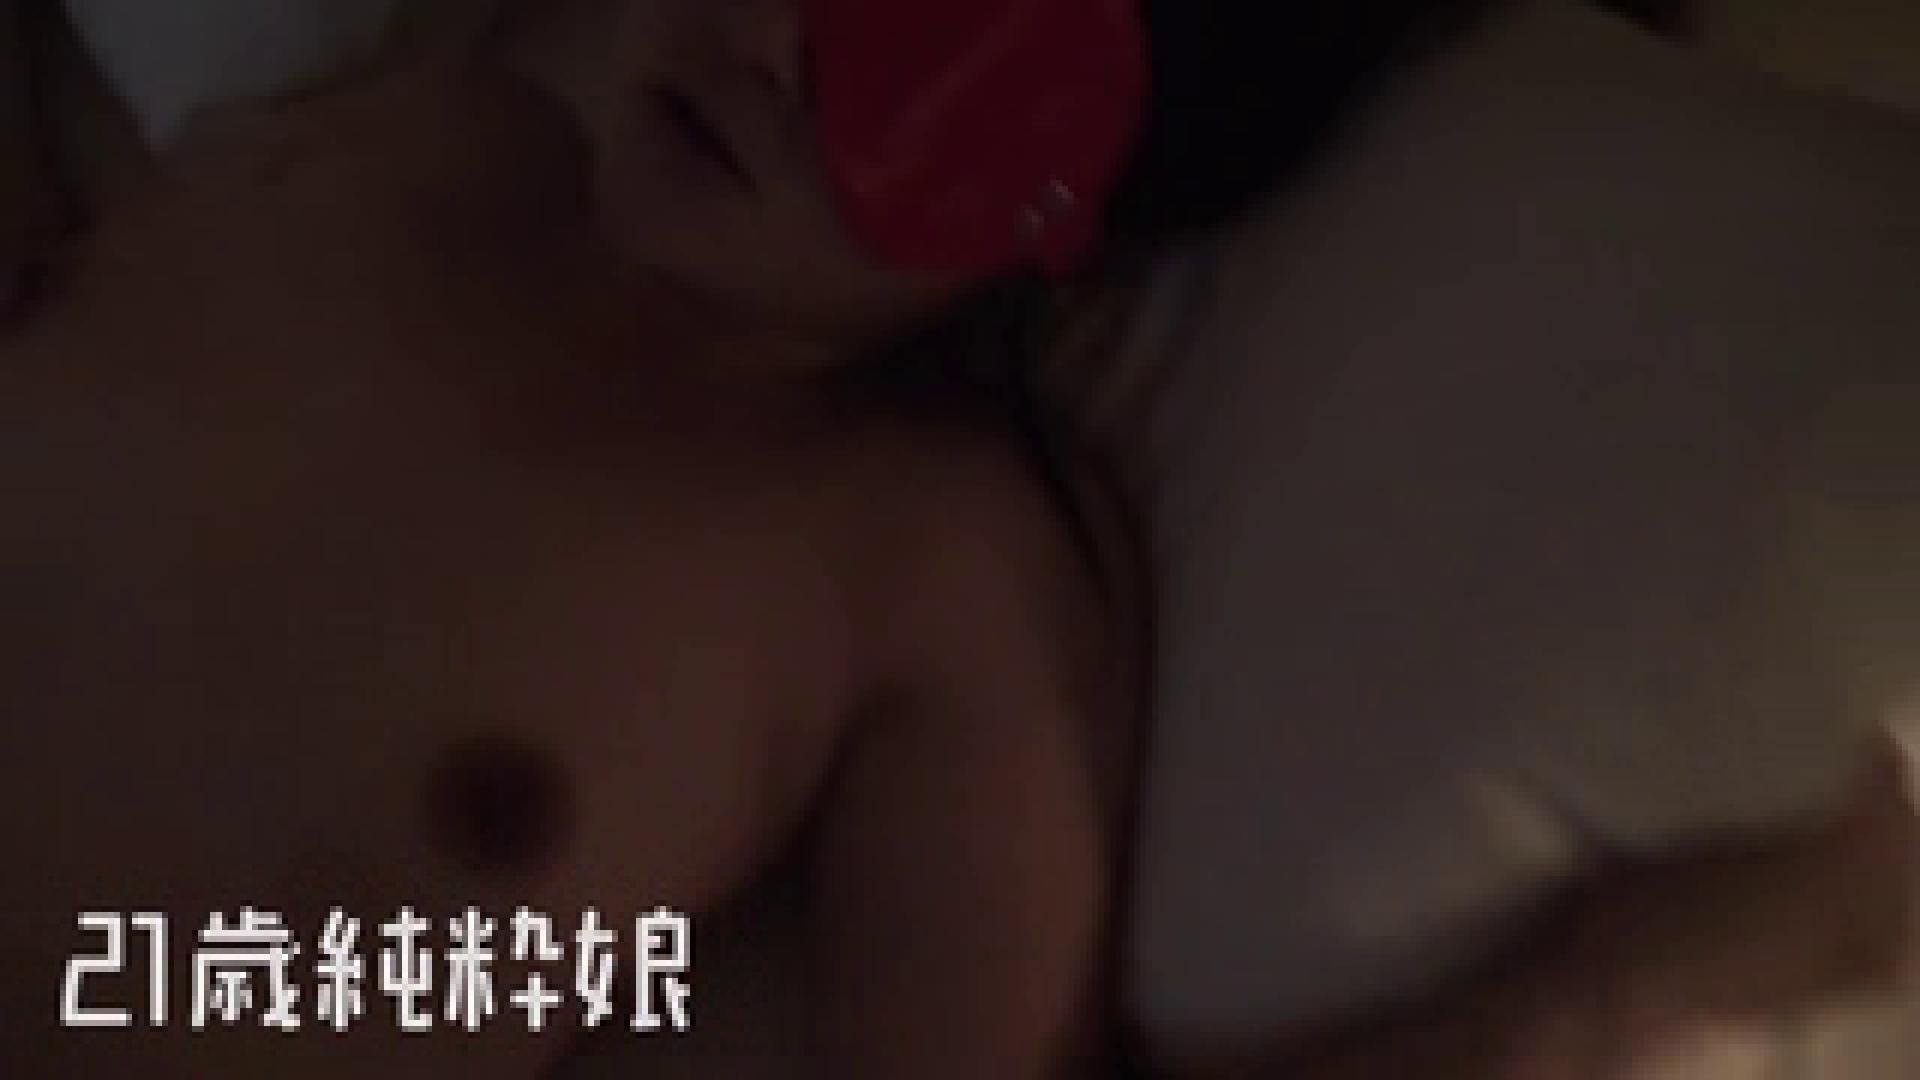 上京したばかりのGカップ21歳純粋嬢を都合の良い女にしてみた4 ホテル | ギャル達のおっぱい  96画像 45